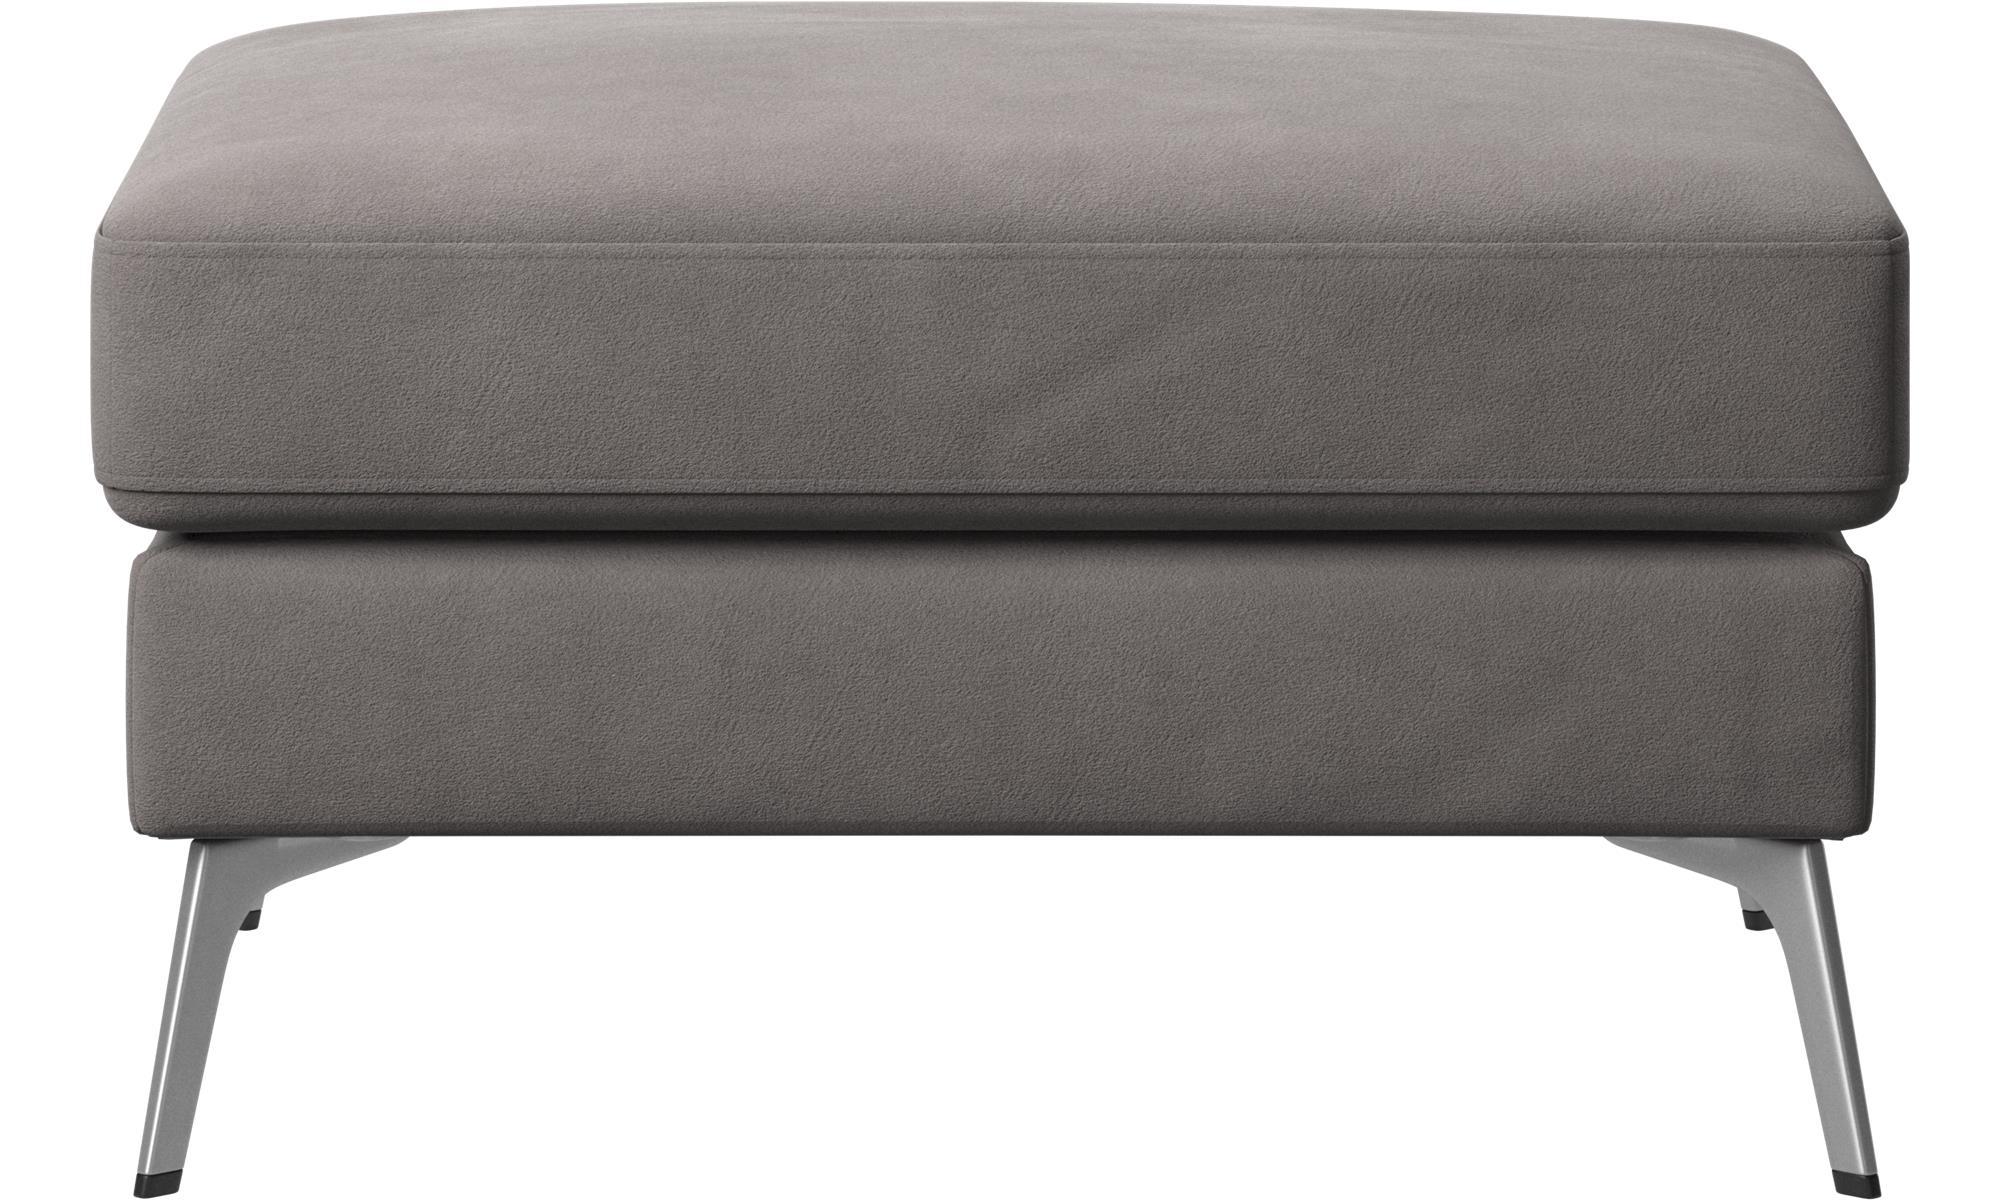 Boconcept ottoman boconcept xtra convertible sleeper ottoman aptdeco boconcept shelly living - Small space ottoman fold out bed collection ...